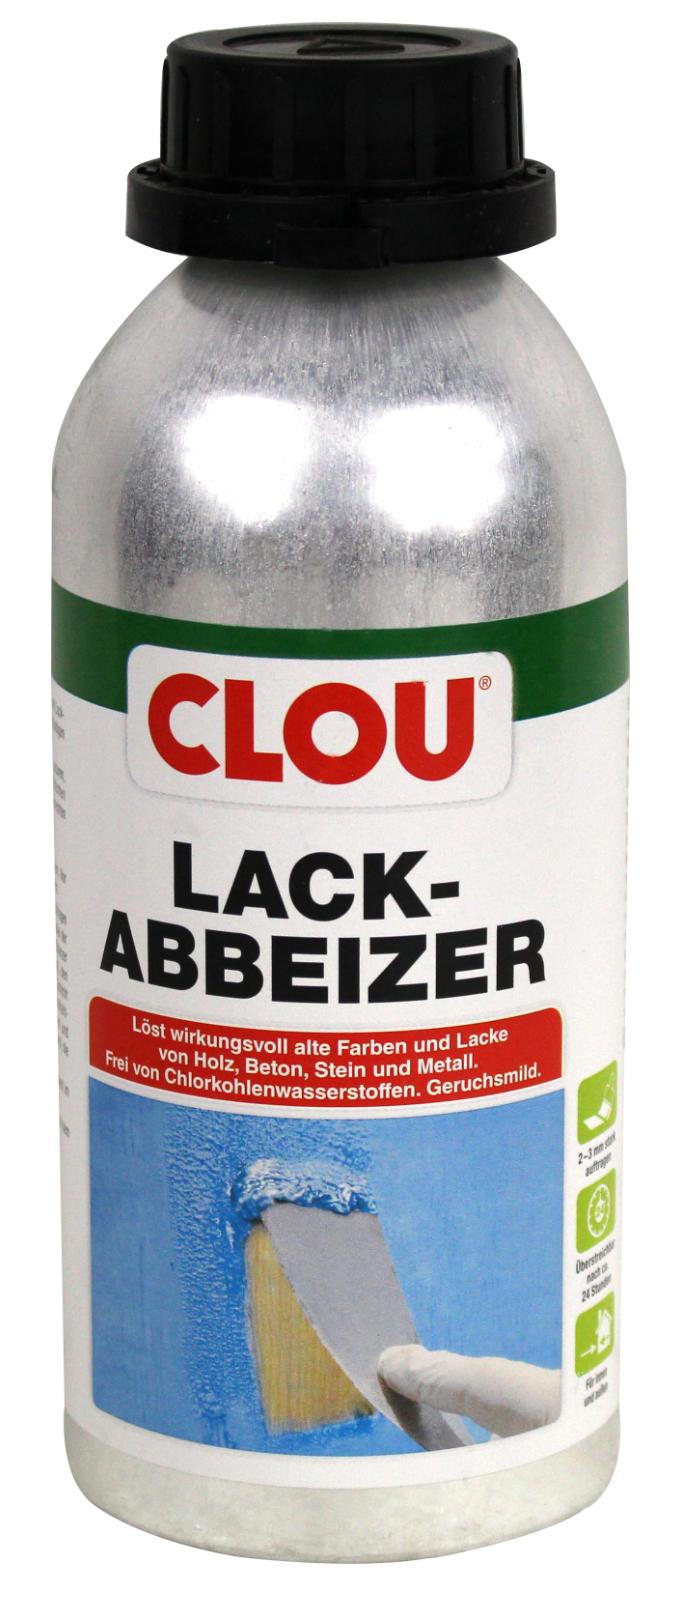 clou lack abbeizer 0,5l entfernt lack und farbe auf holz beton stein